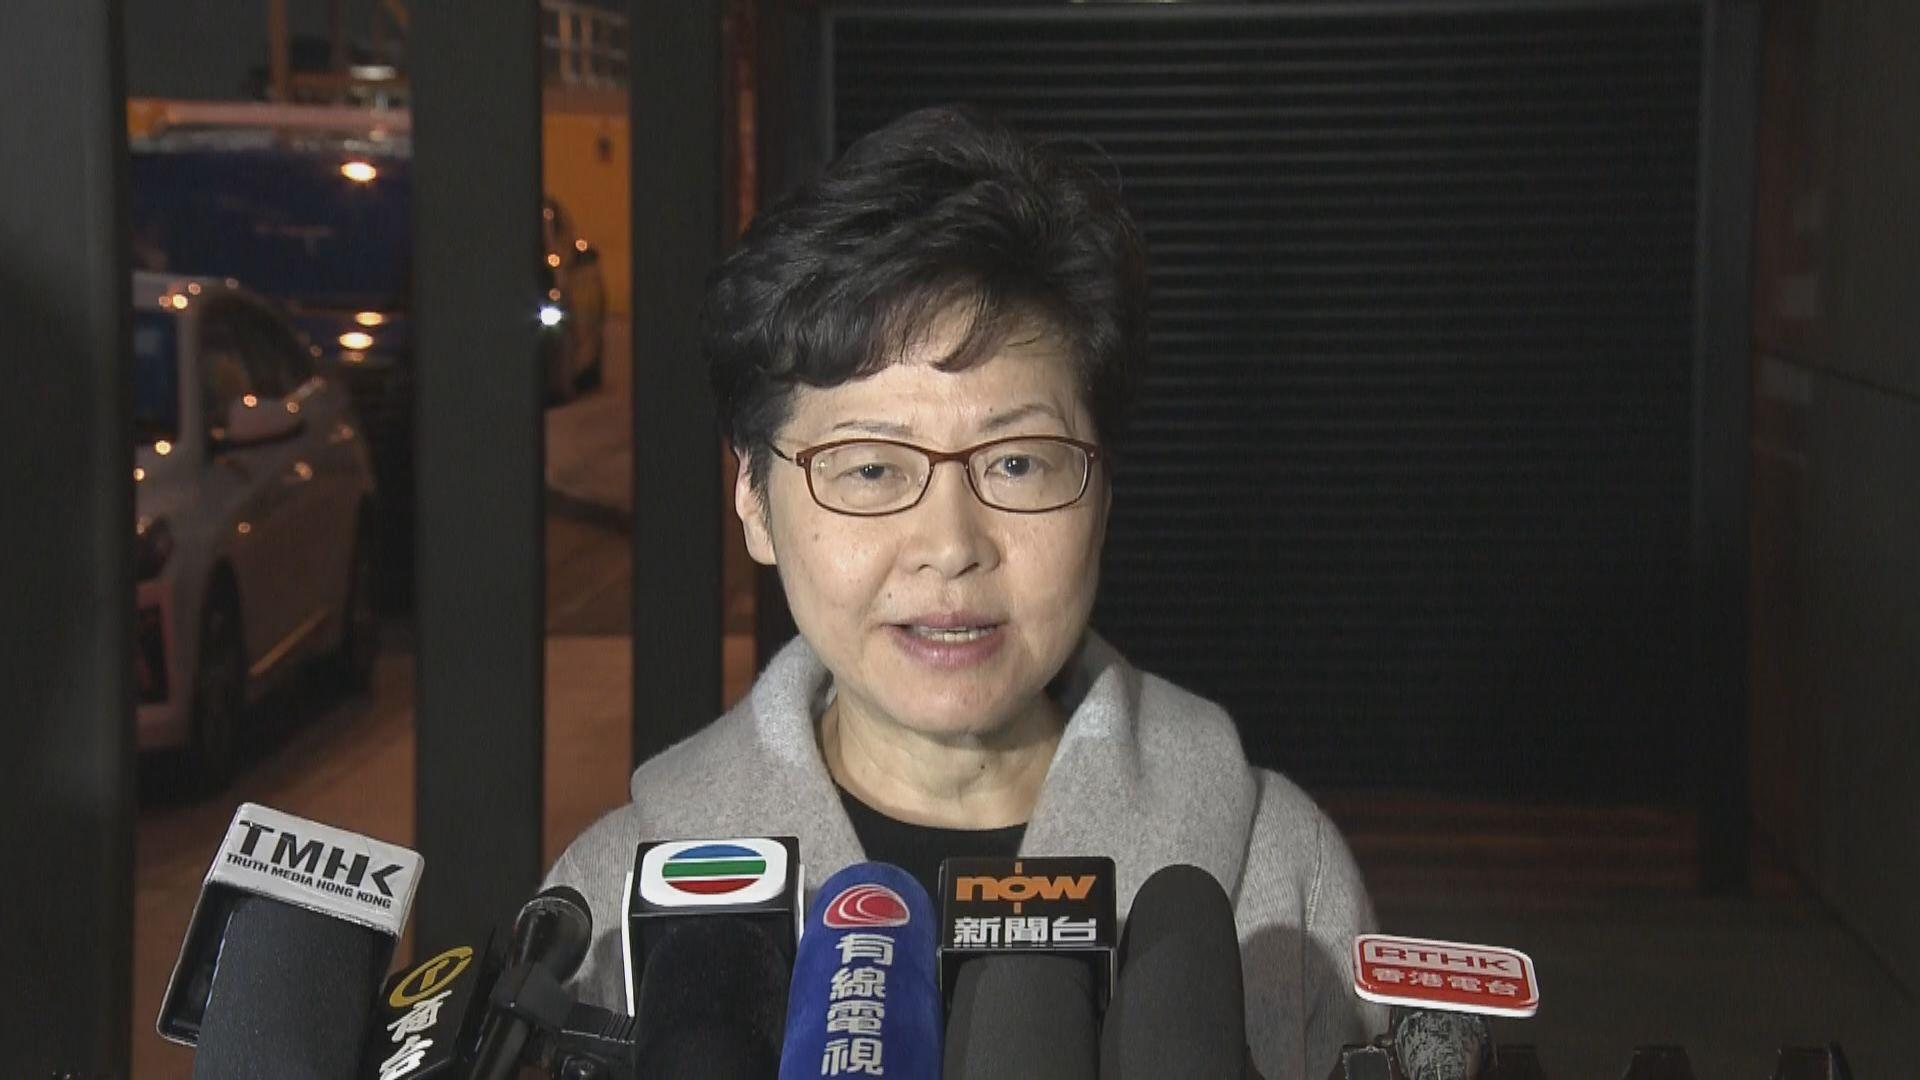 林鄭指世界經濟論壇年會有助外國了解香港情況